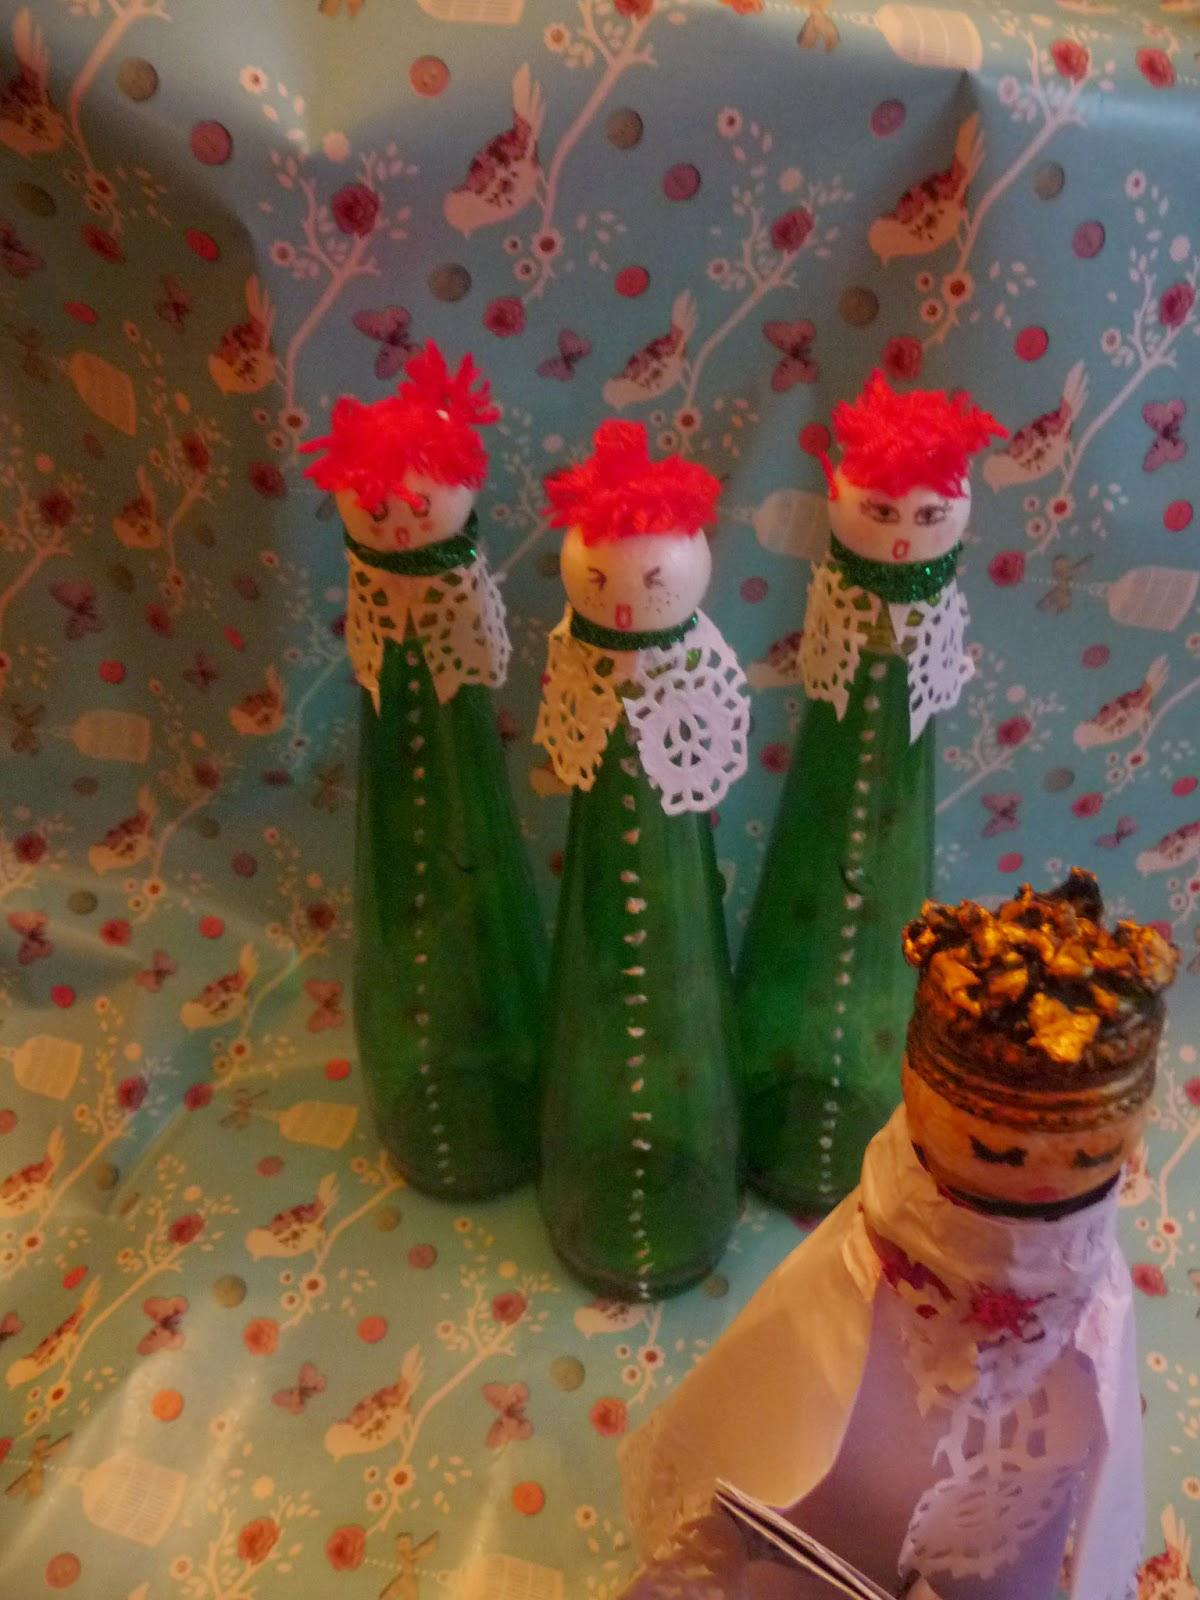 Atelier victoriano adornos de navidad con materiales - Adornos de navidad con material reciclado para ninos ...